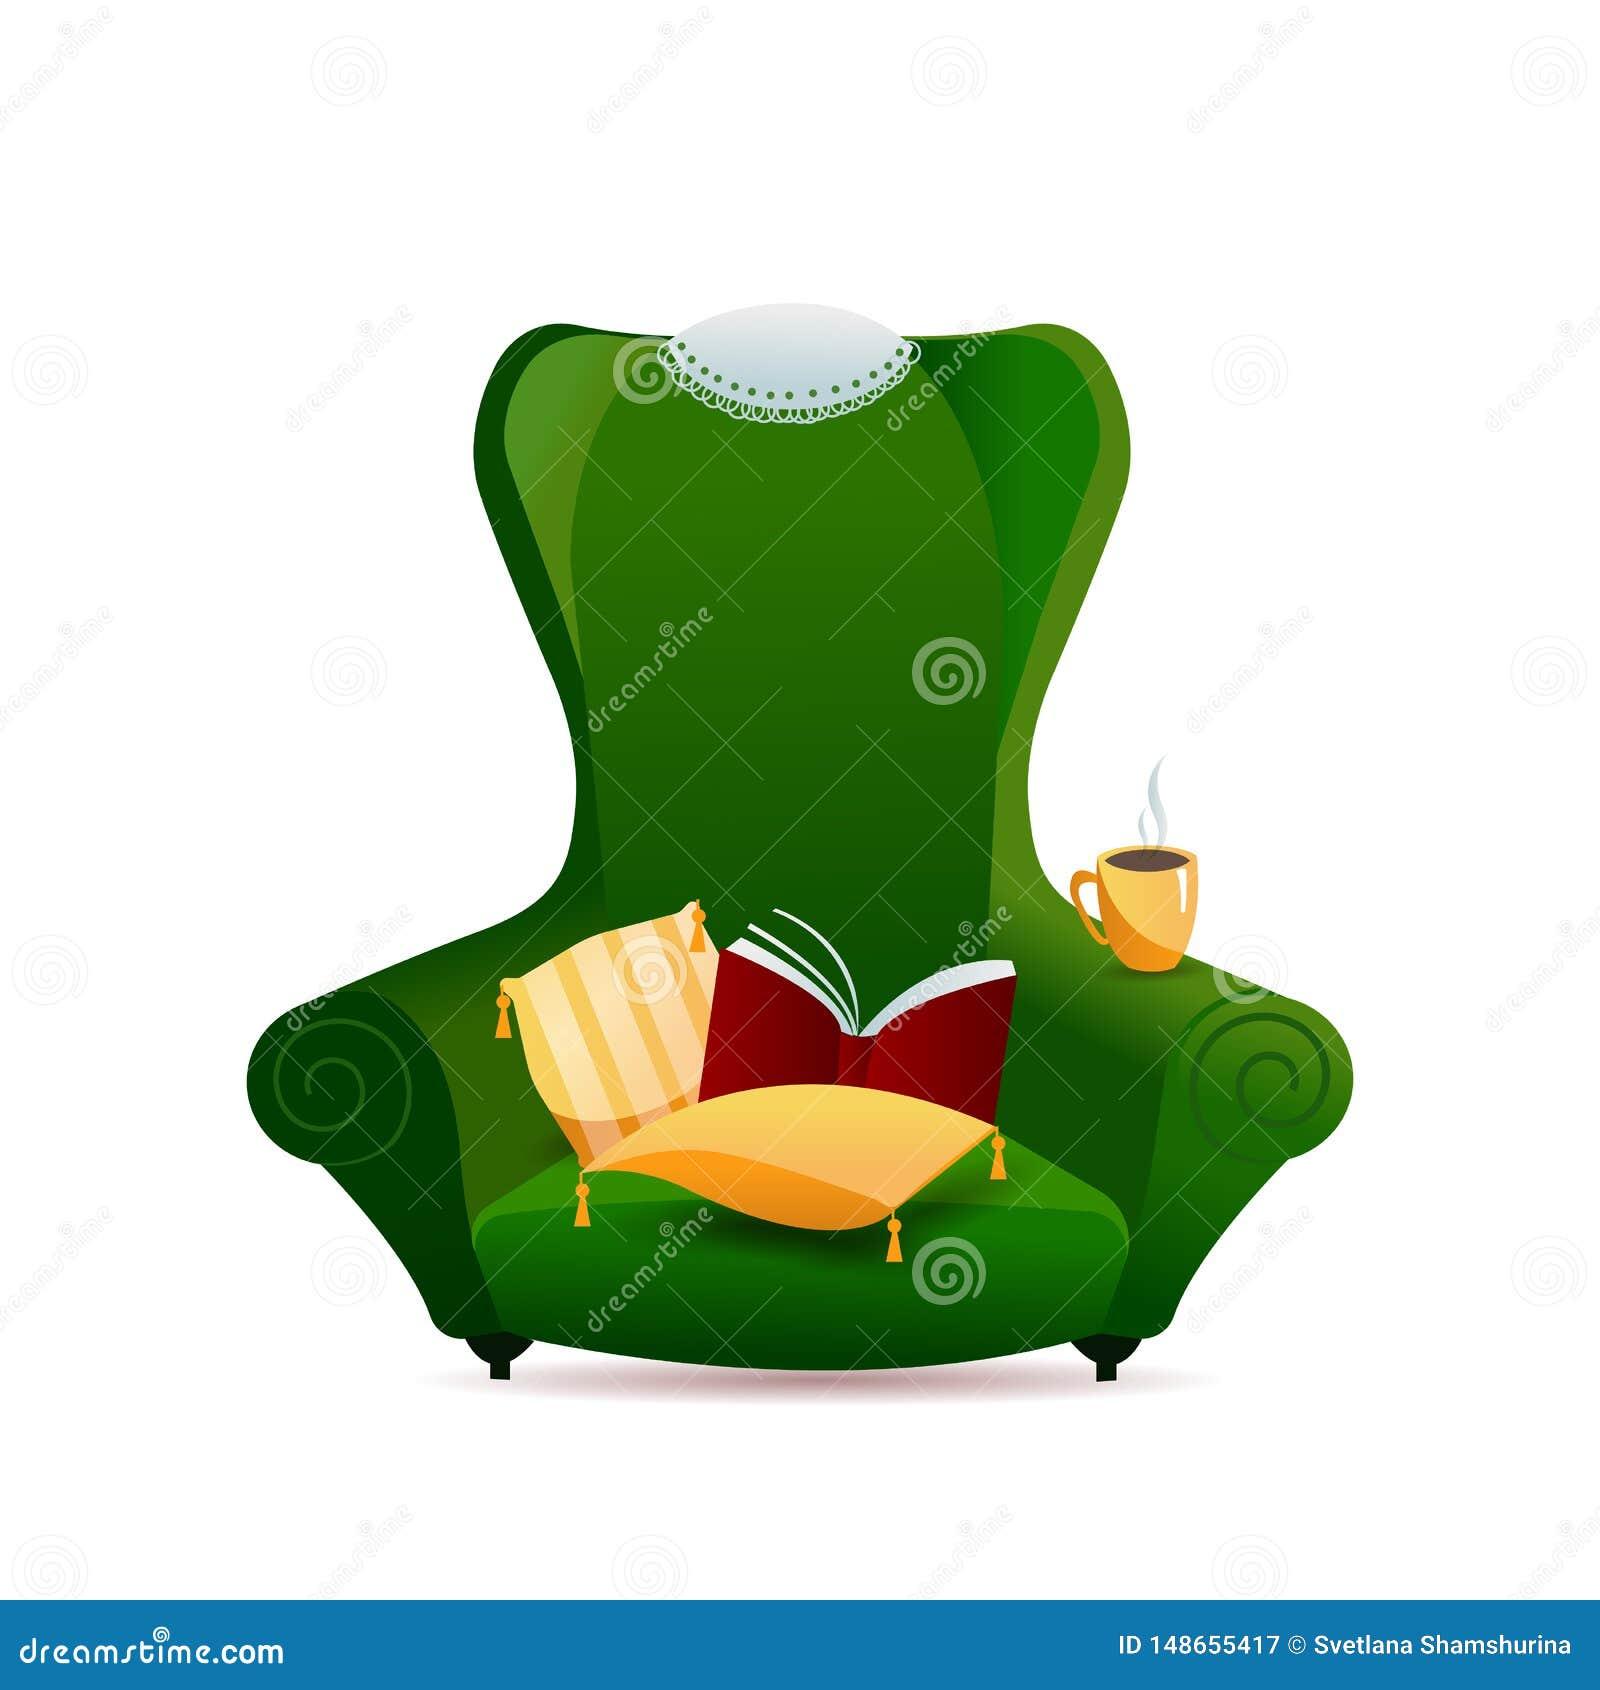 Πράσινη εκλεκτής ποιότητας πολυθρόνα καναπέδων με το χρυσό μαξιλάρι με τους θυσάνους και πετσέτα δαντελλών στο πίσω μέρος της καρ